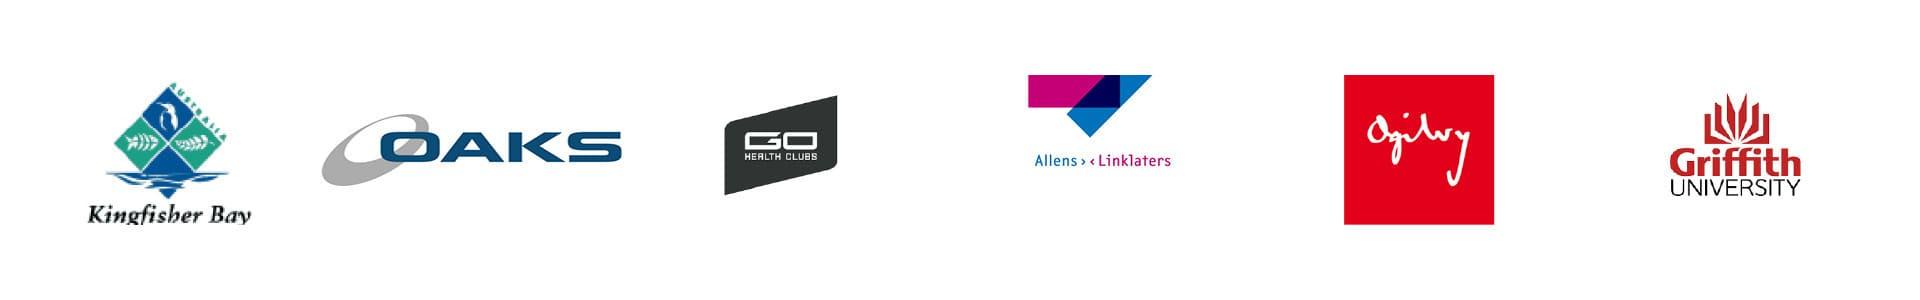 logos_004